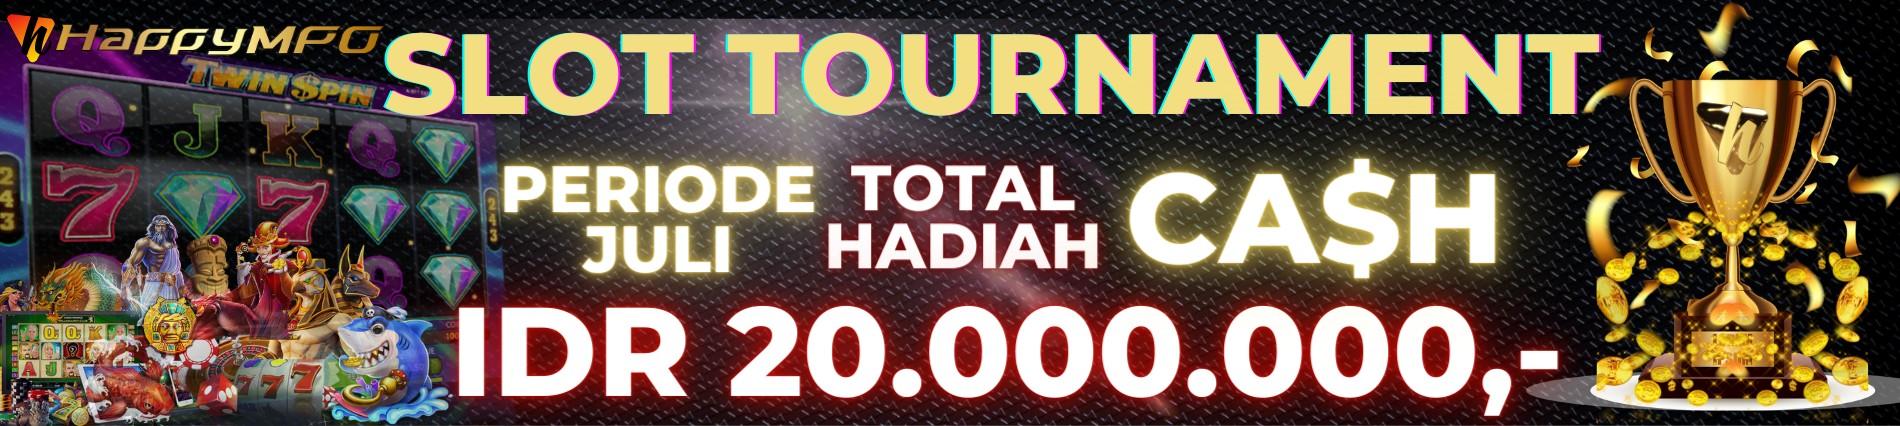 MPO Slot HappyMPO Tournament 2021